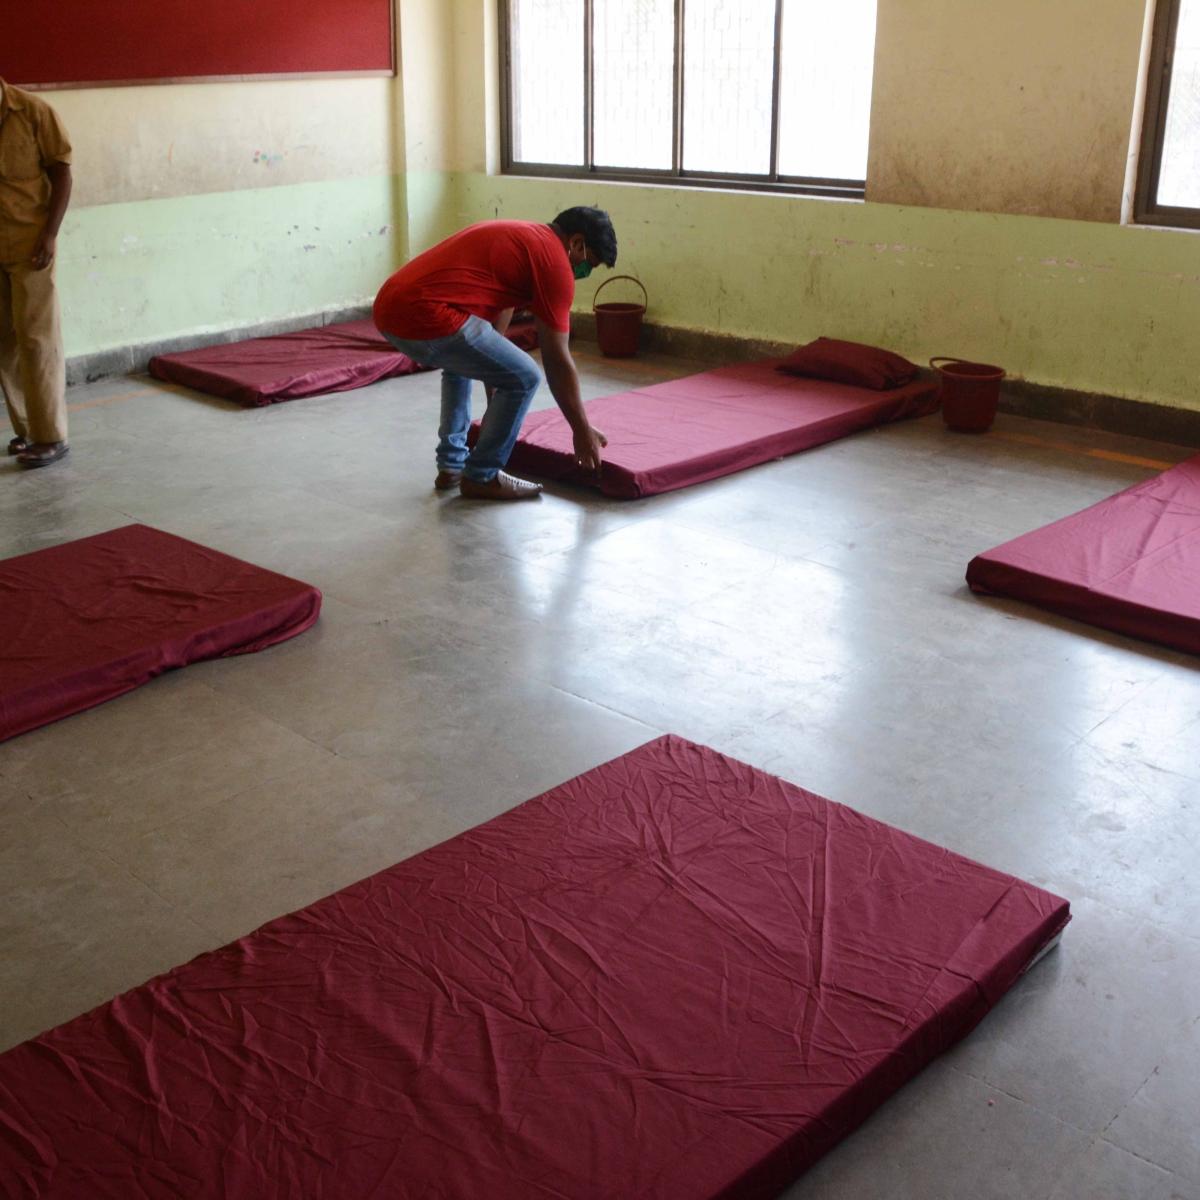 Coronavirus in Mumbai: City hospitals go from bed shortage to vacancies; 30-35% COVID-19 beds lying vacant